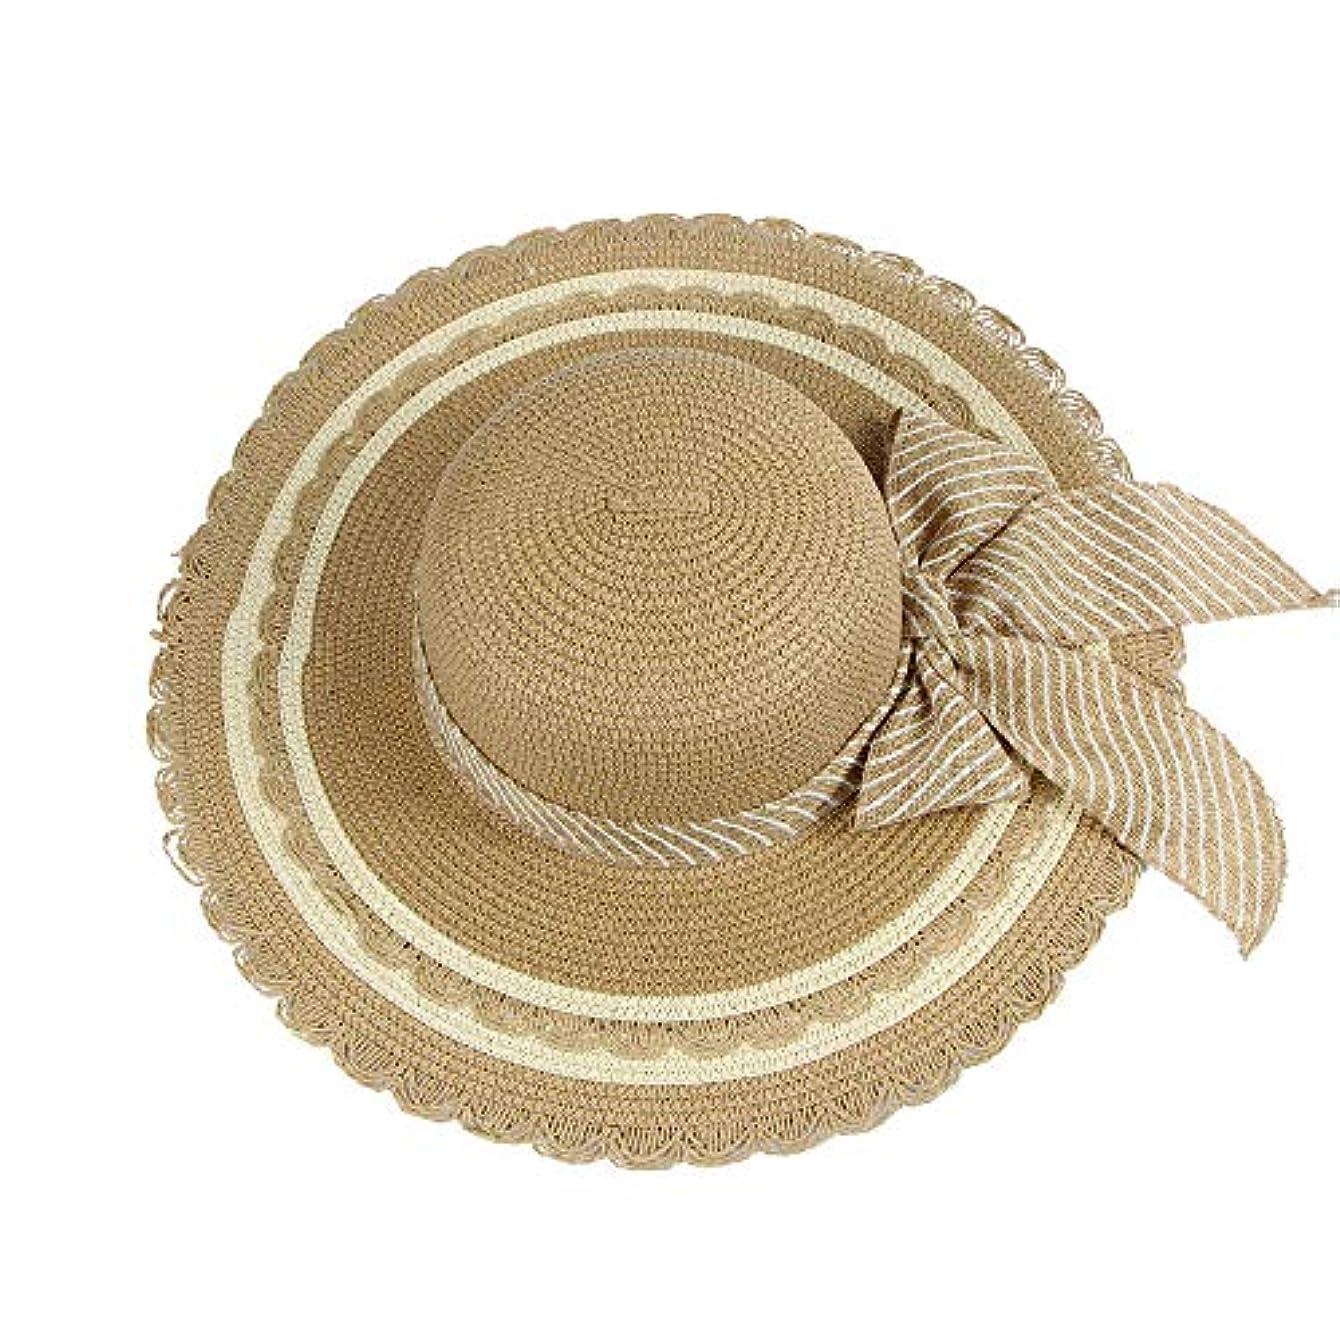 戦争ハロウィン把握帽子 レディース UVカット 帽子 麦わら帽子 UV帽子 紫外線対策 折りたたみ つば広 ワイヤ入り uvカット帽子 春夏 レディース 通気性 ニット帽 マニュアル キャップ レディース 大きいサイズ ROSE ROMAN